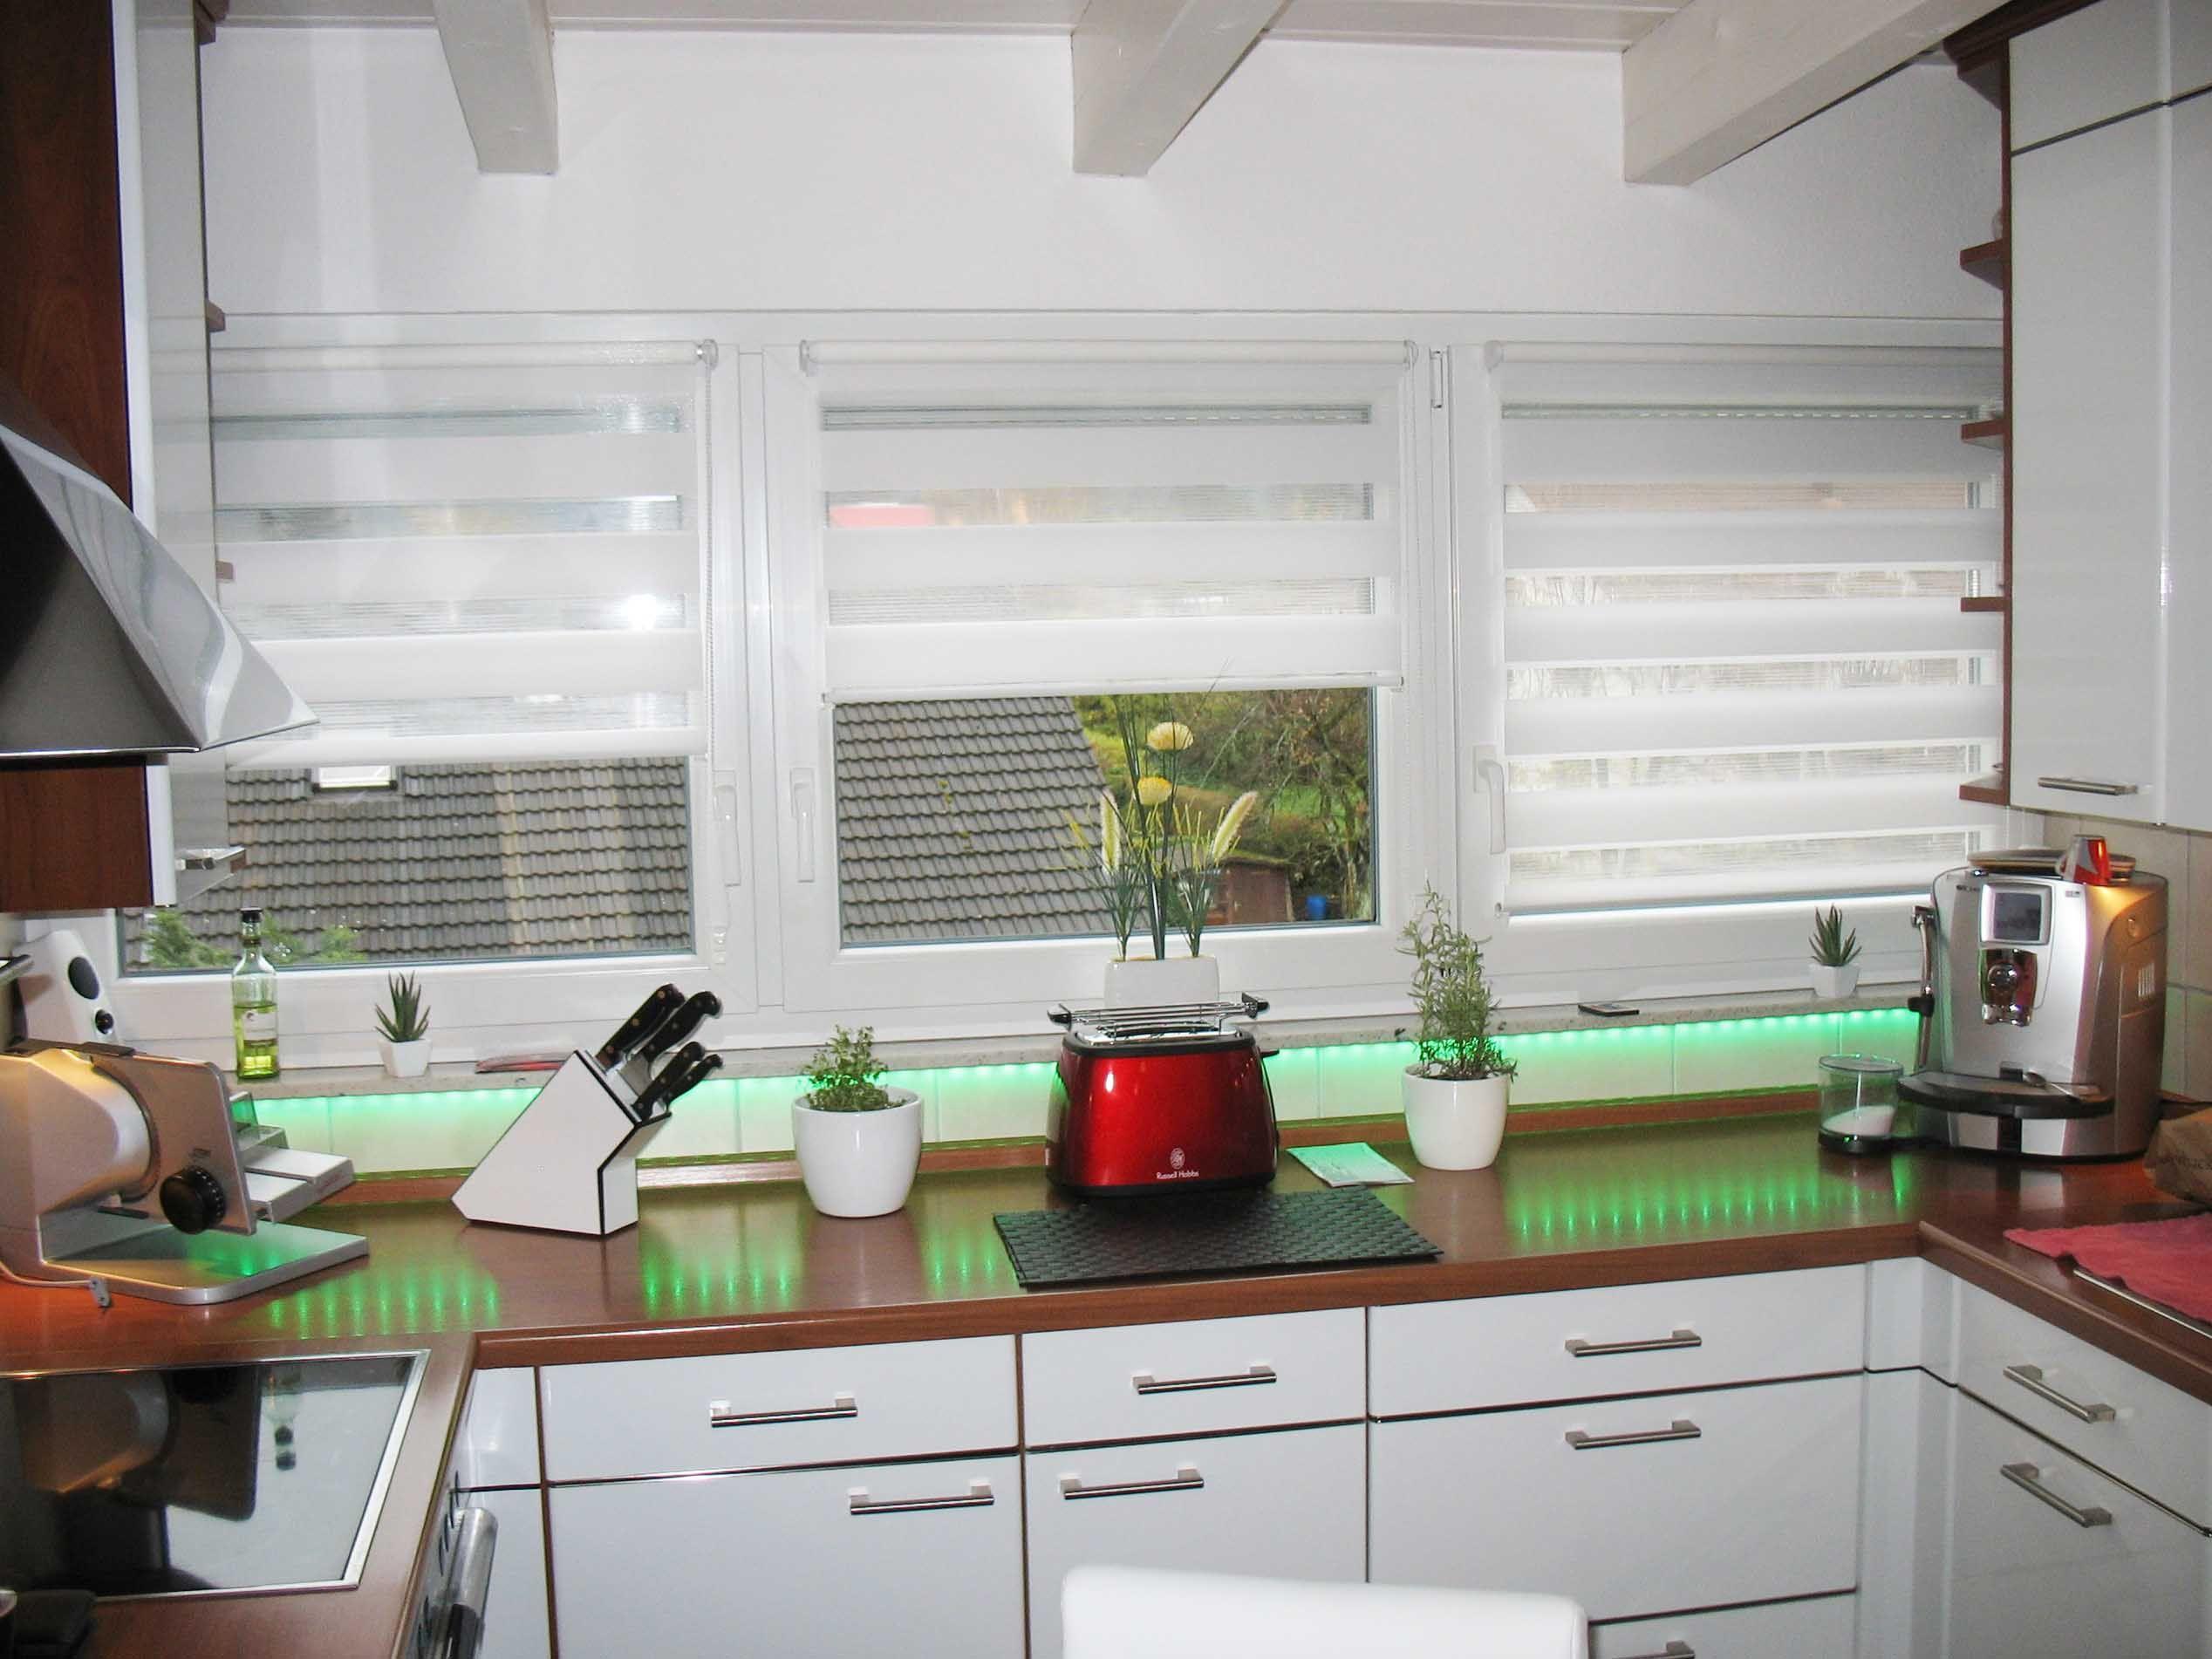 Rollo badezimmer ~ Rollo kochen küche living macht euer zuhause schöner mit